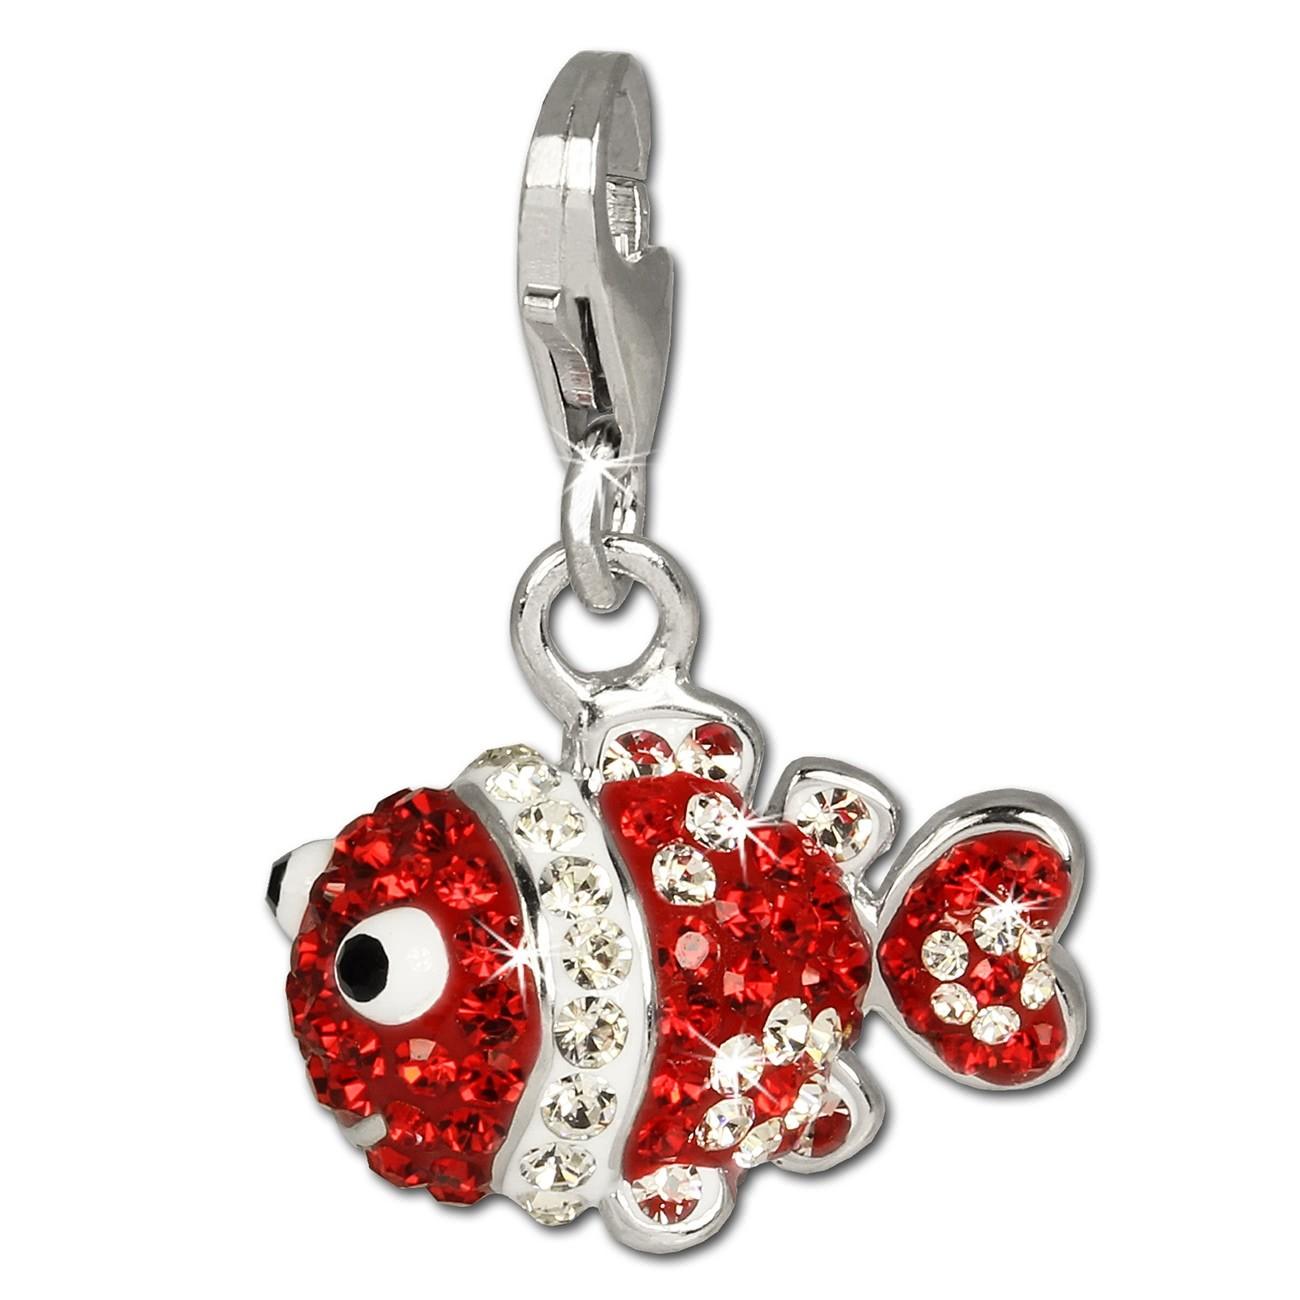 SilberDream Glitzer Charm Clownfisch rot Zirkonia Kristalle GSC518R